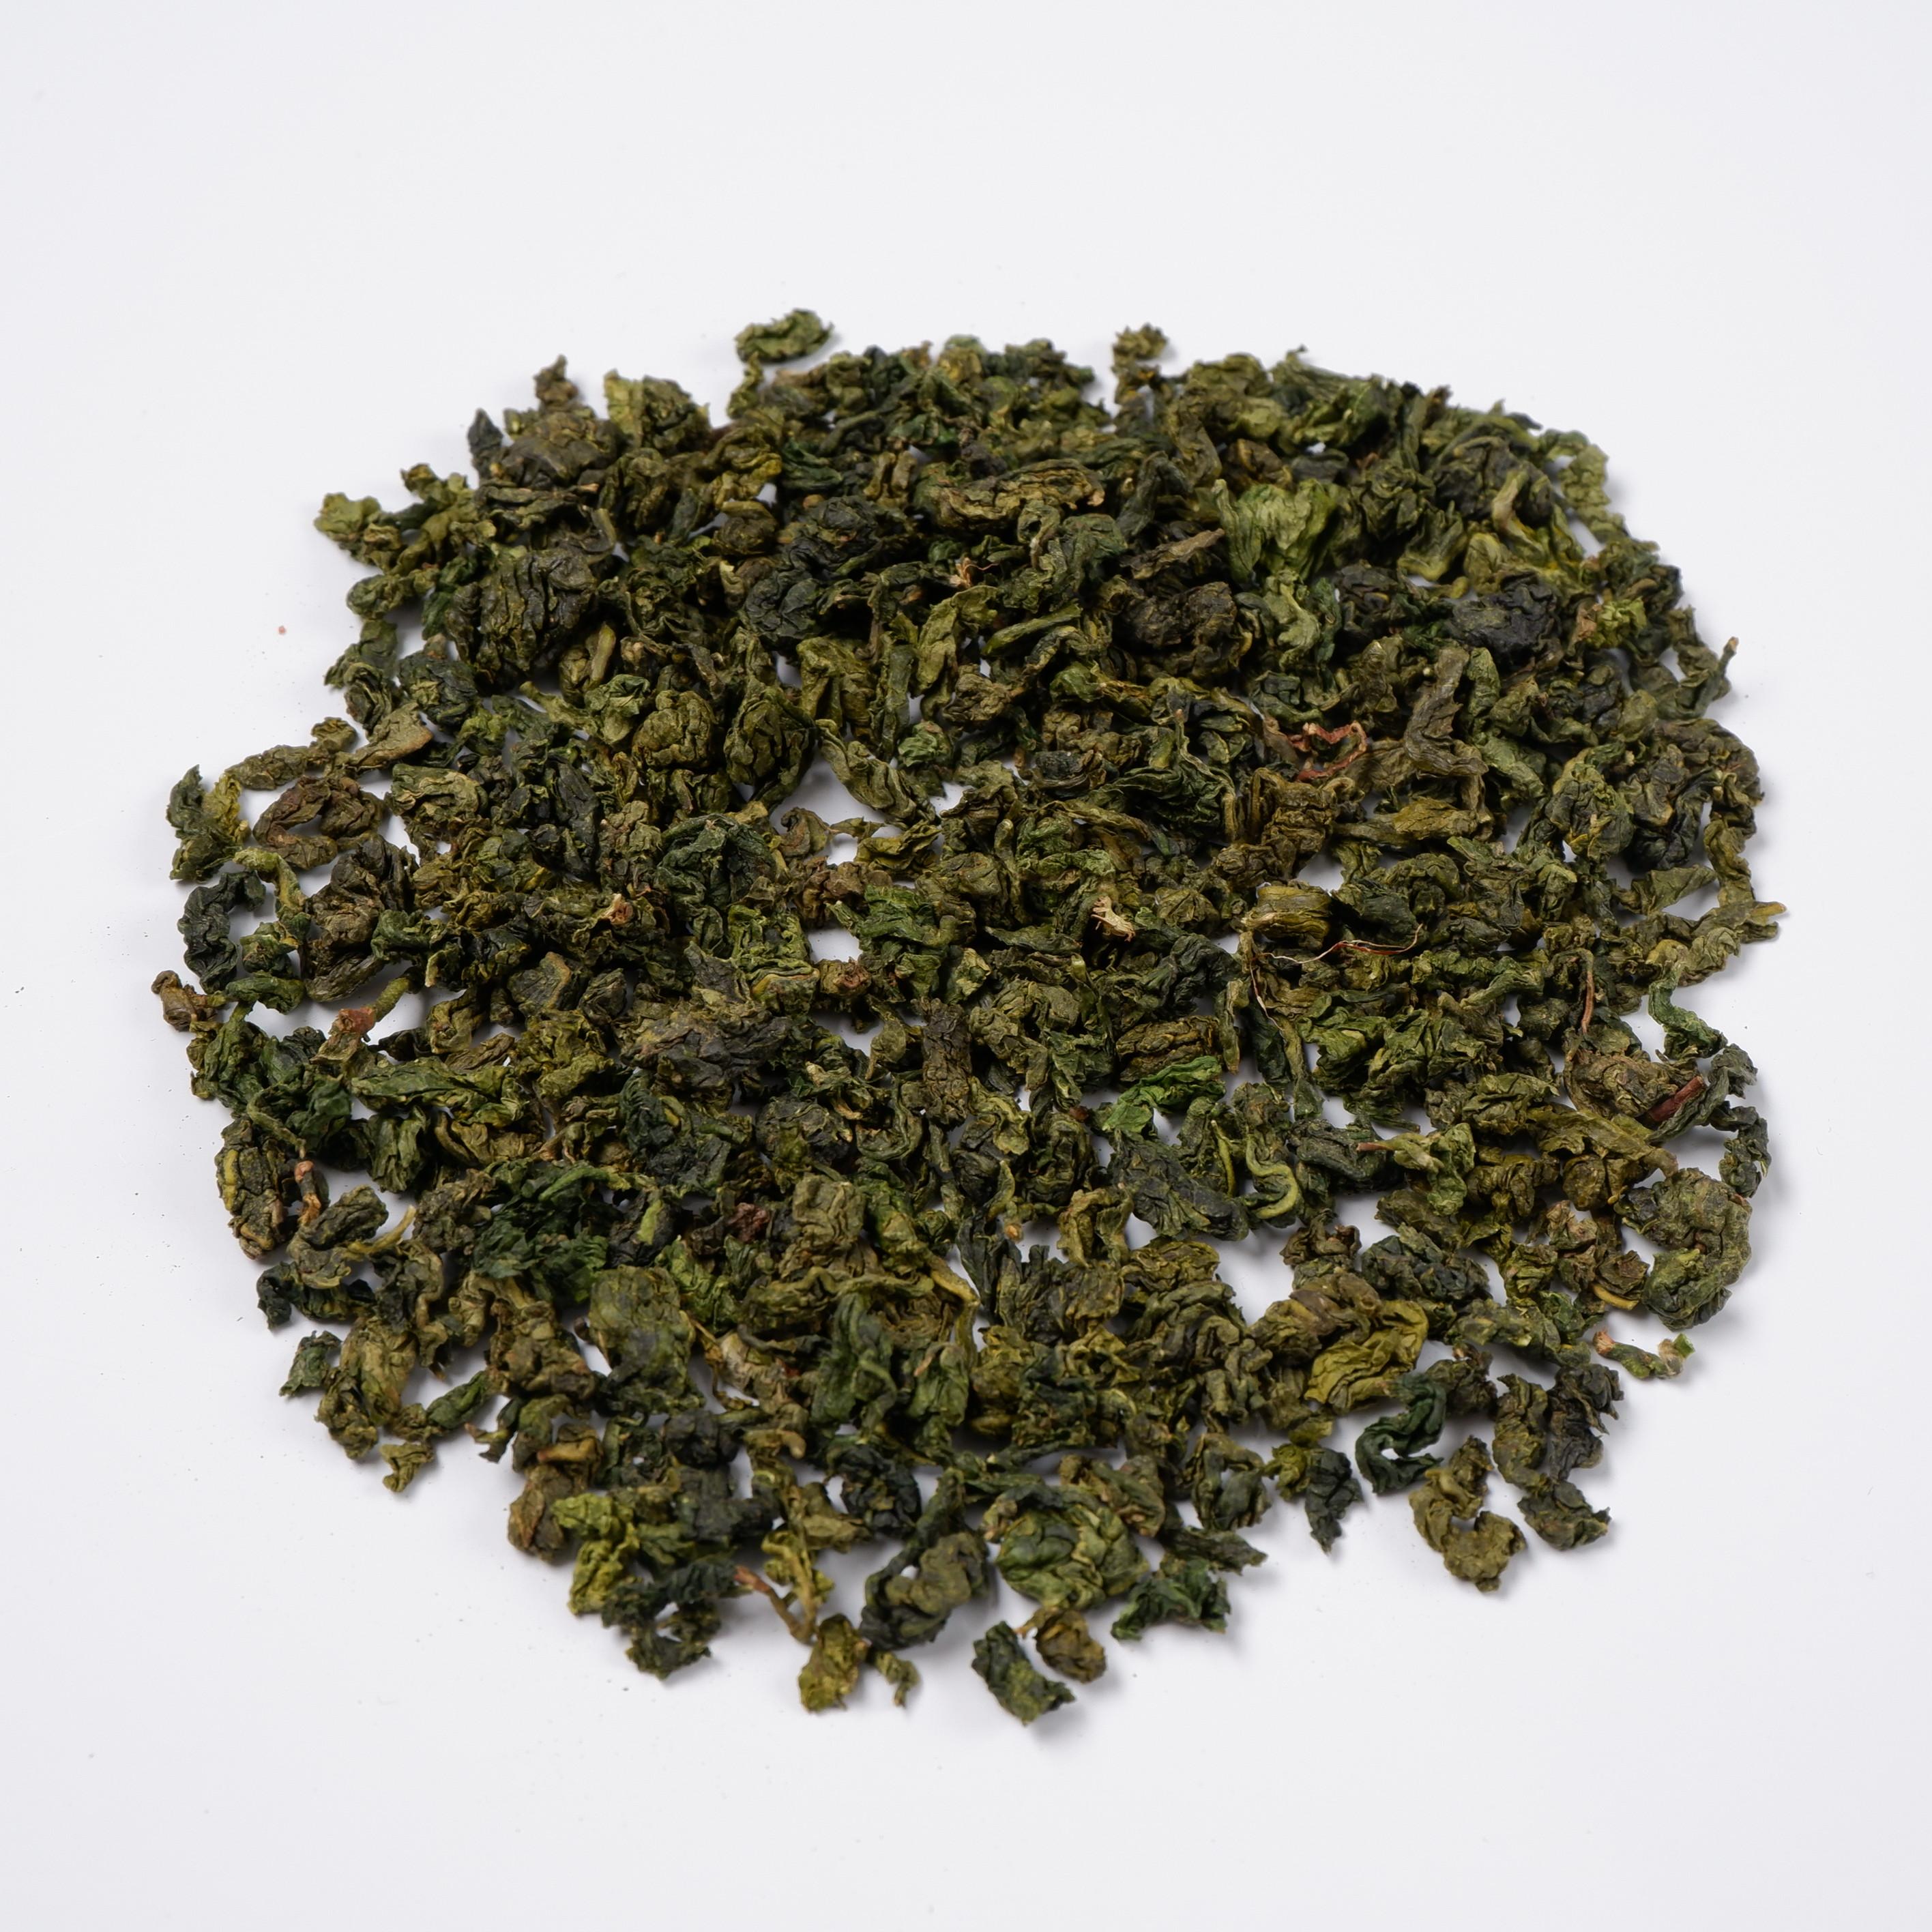 Cheap Fujian Oolong Tea for Factory Wholesale - 4uTea | 4uTea.com